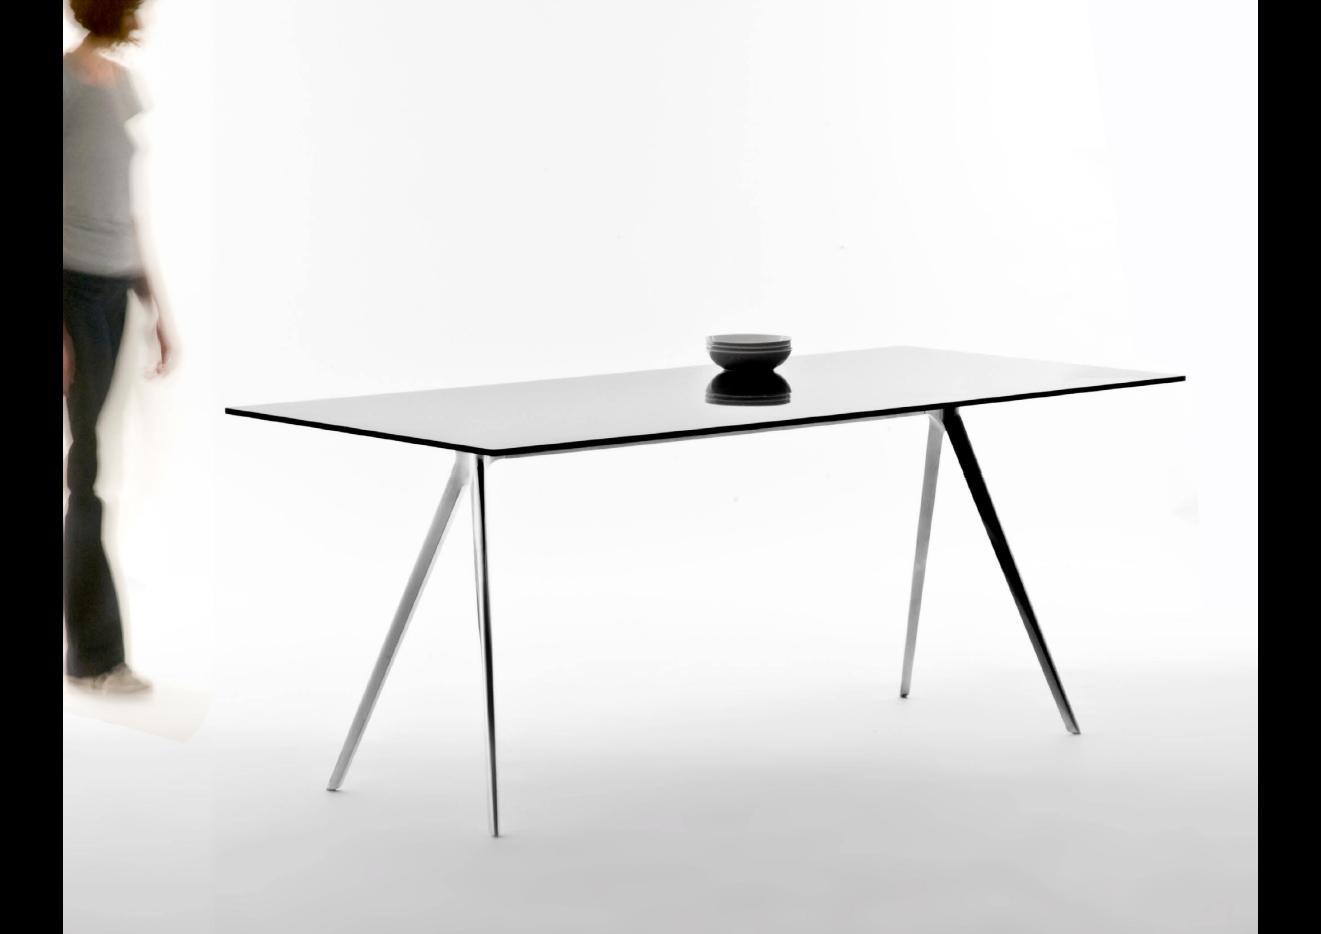 smow in mailand 2010 ronan und erwan bouroullec smow blog deutsch. Black Bedroom Furniture Sets. Home Design Ideas